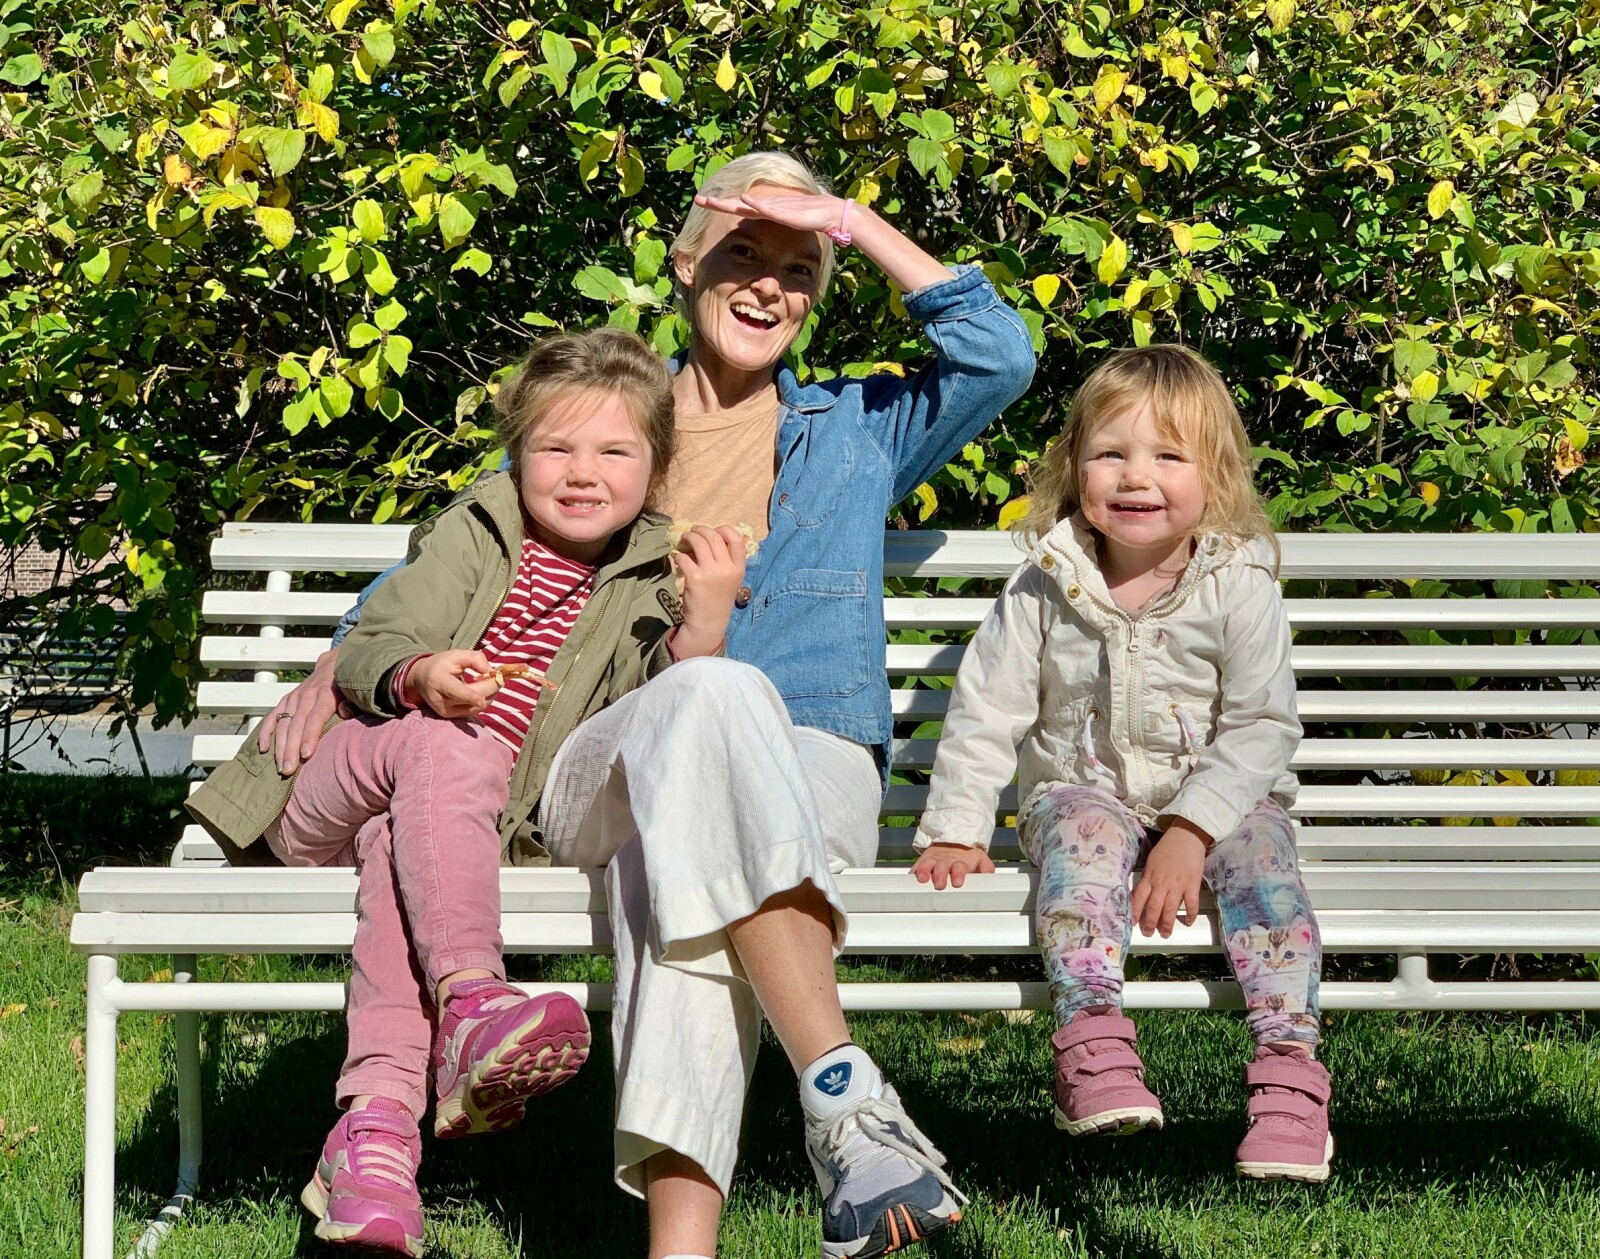 MANGE SPØRSMÅL: I dag lurer jentene Jenny og Astrid på de samme tingene som Joachim. Hvor er mamma? Har hun det bra der hun er nå? FOTO: Privat